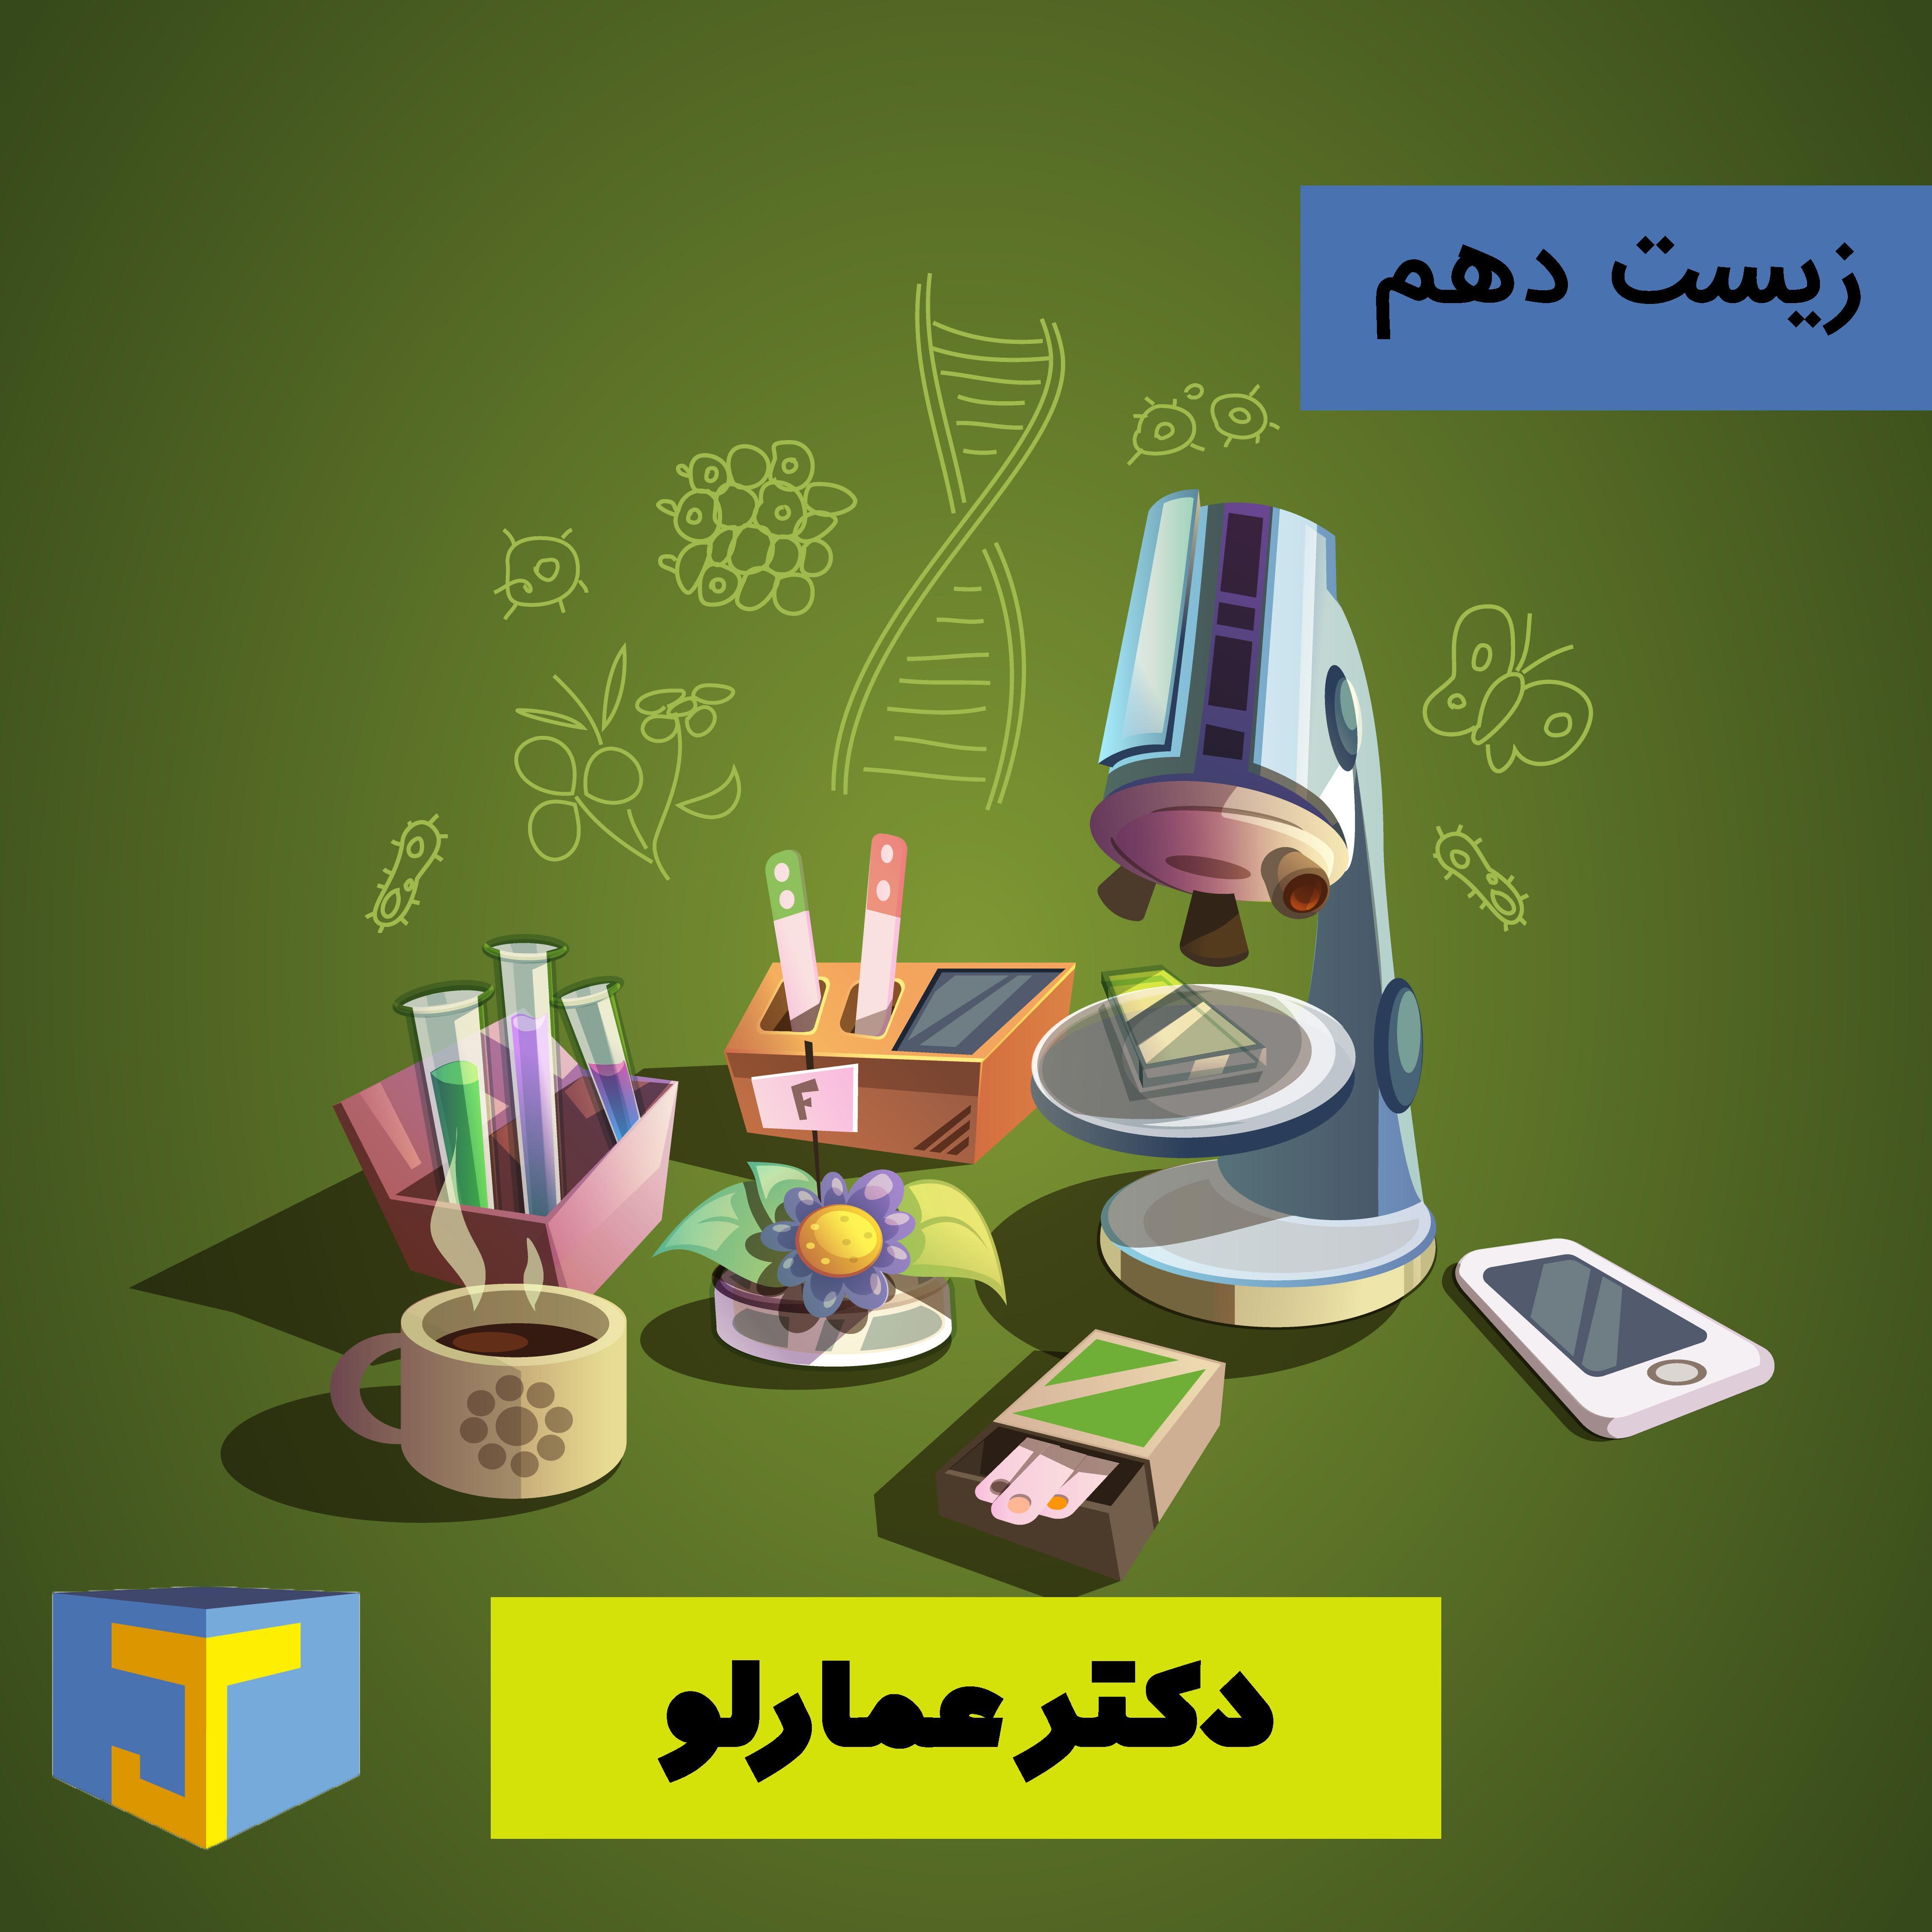 دانلود جزوه زیست شناسی دکتر عمارلو